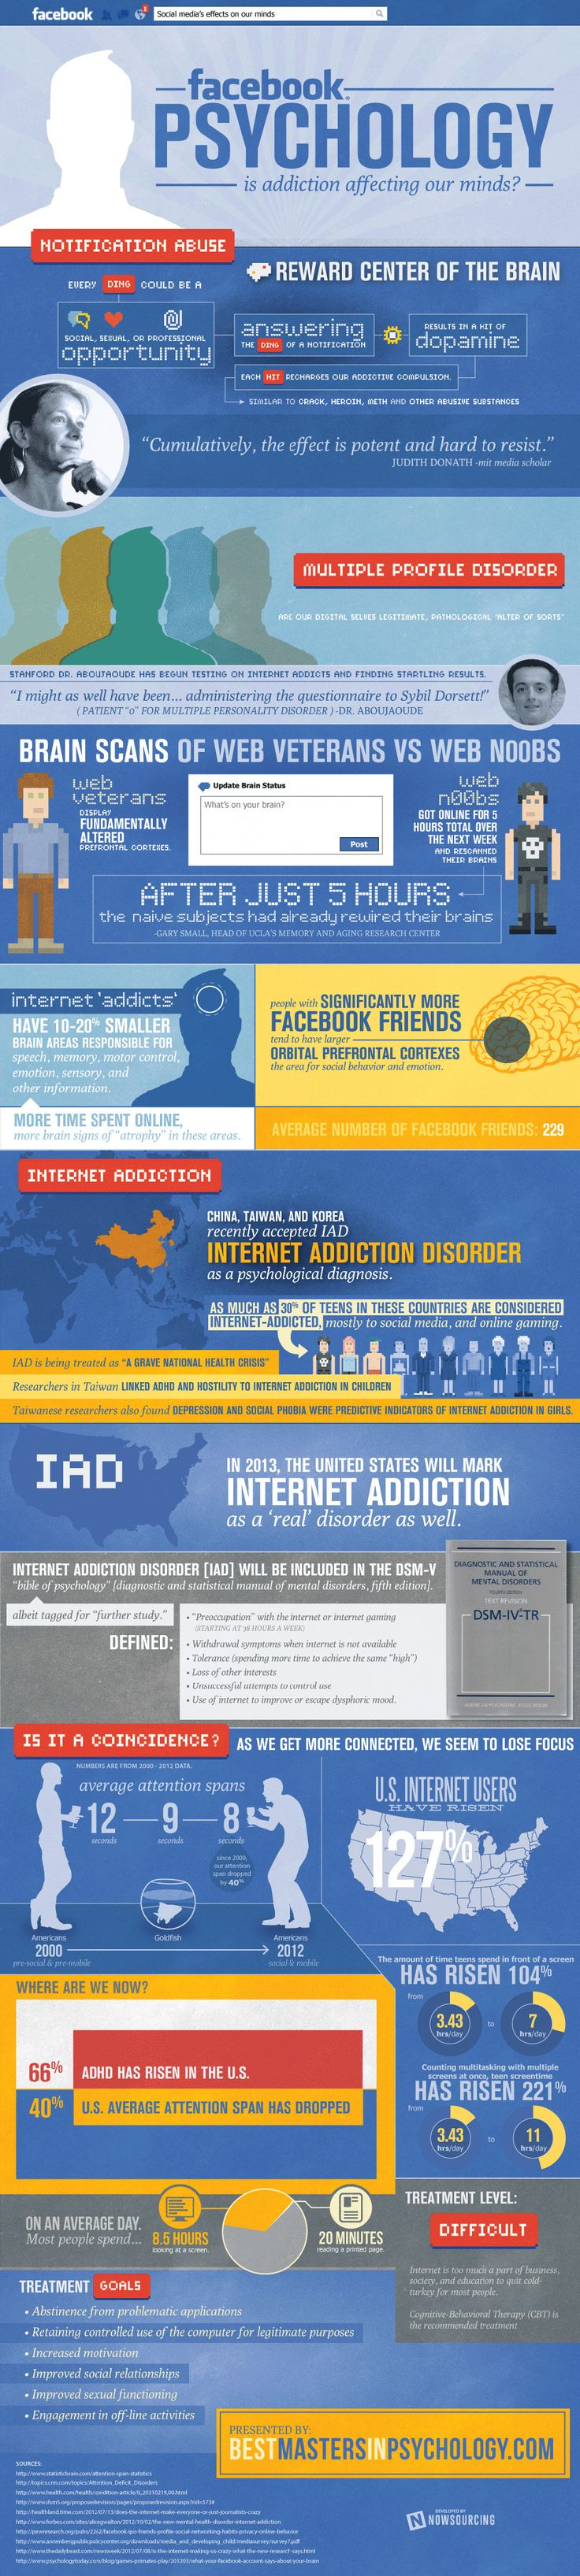 ¿Cómo te podría afectar la adicción a #Facebook? Compruébalo en esta #infografía...